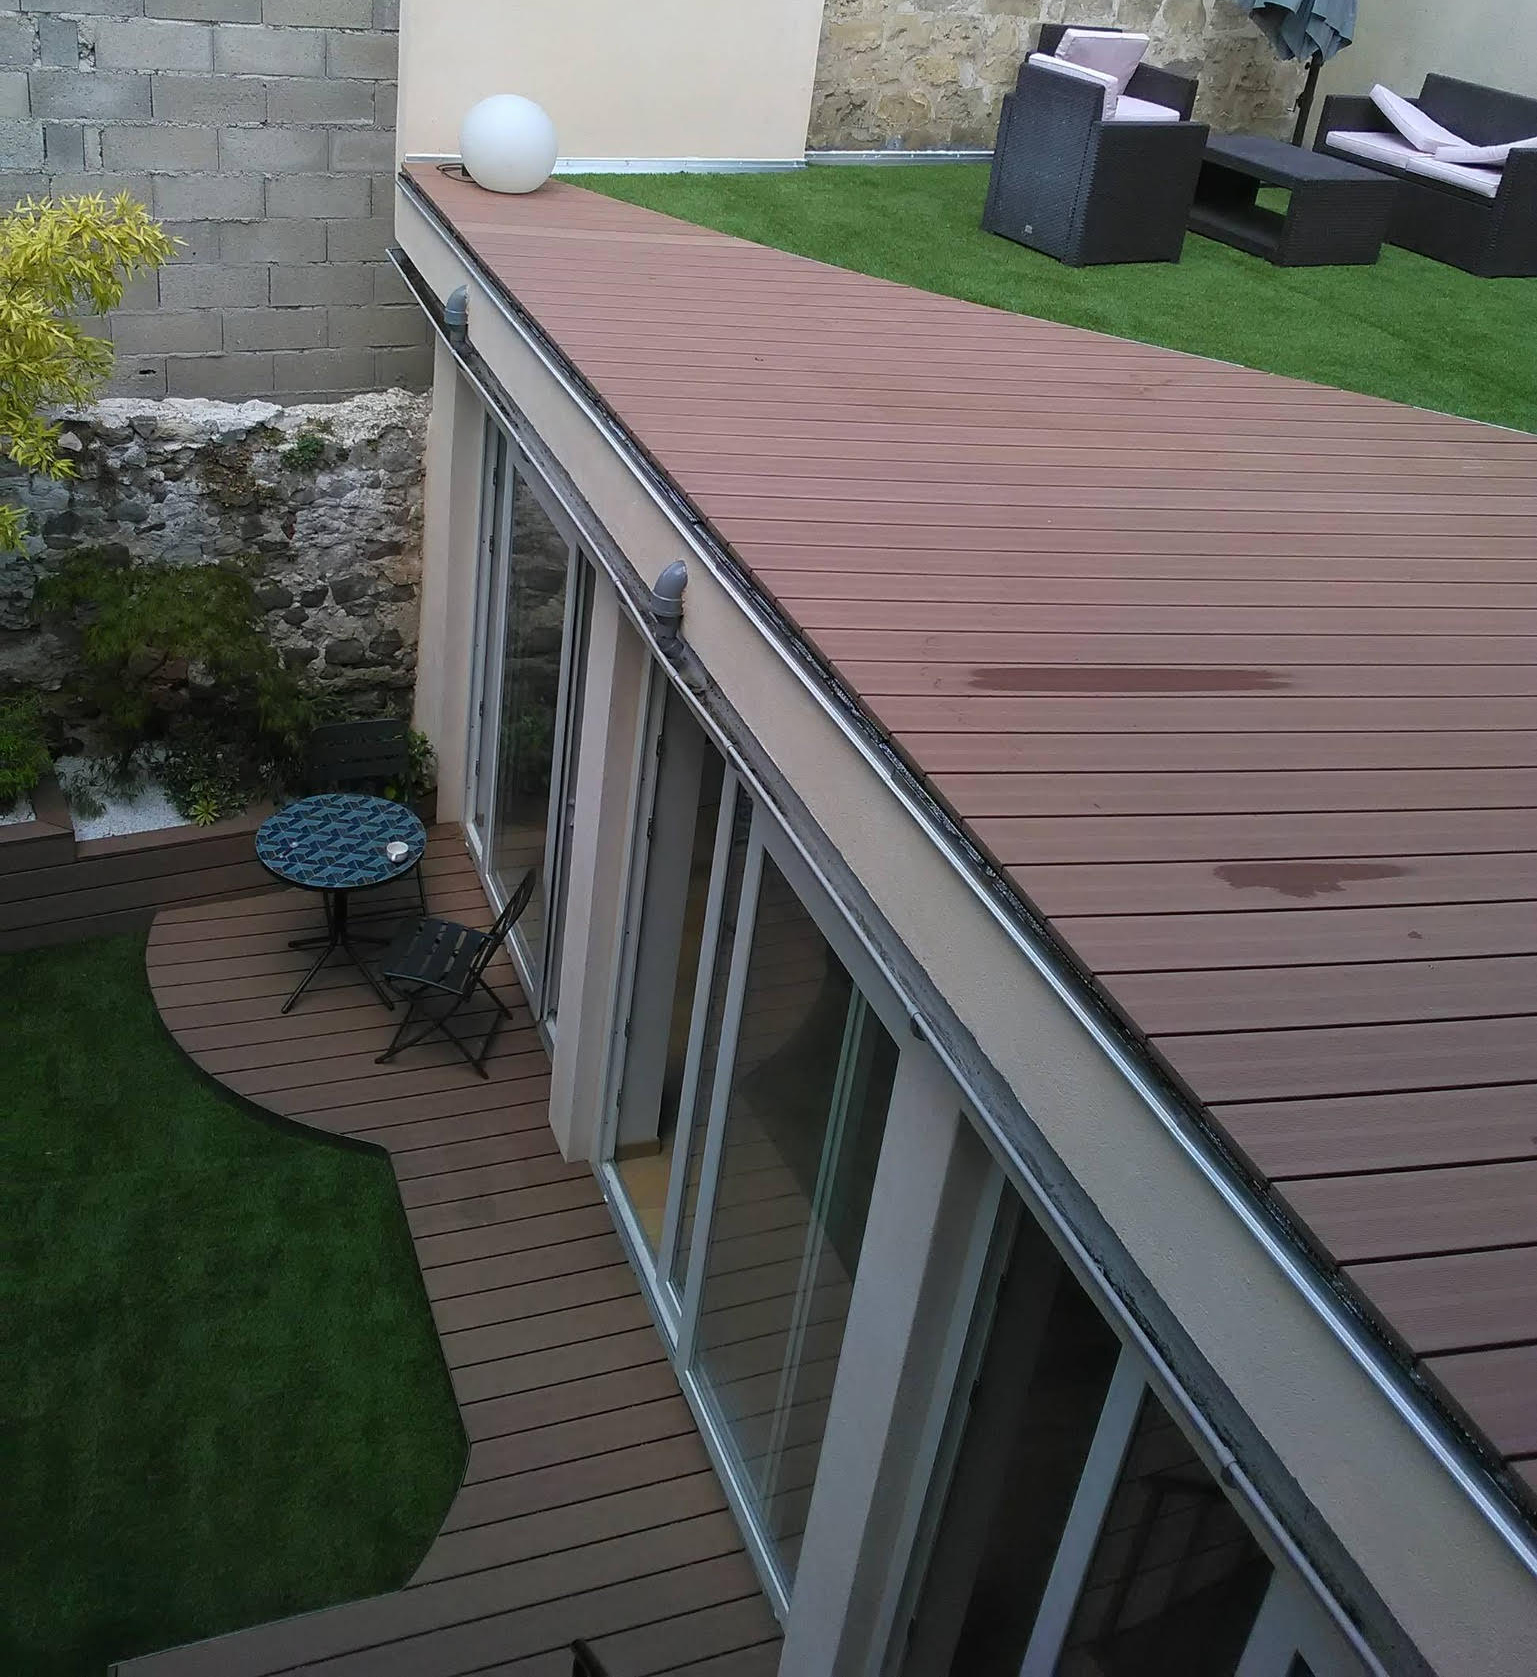 Entretien terrasse et balcon 95 (Val d'Oise)